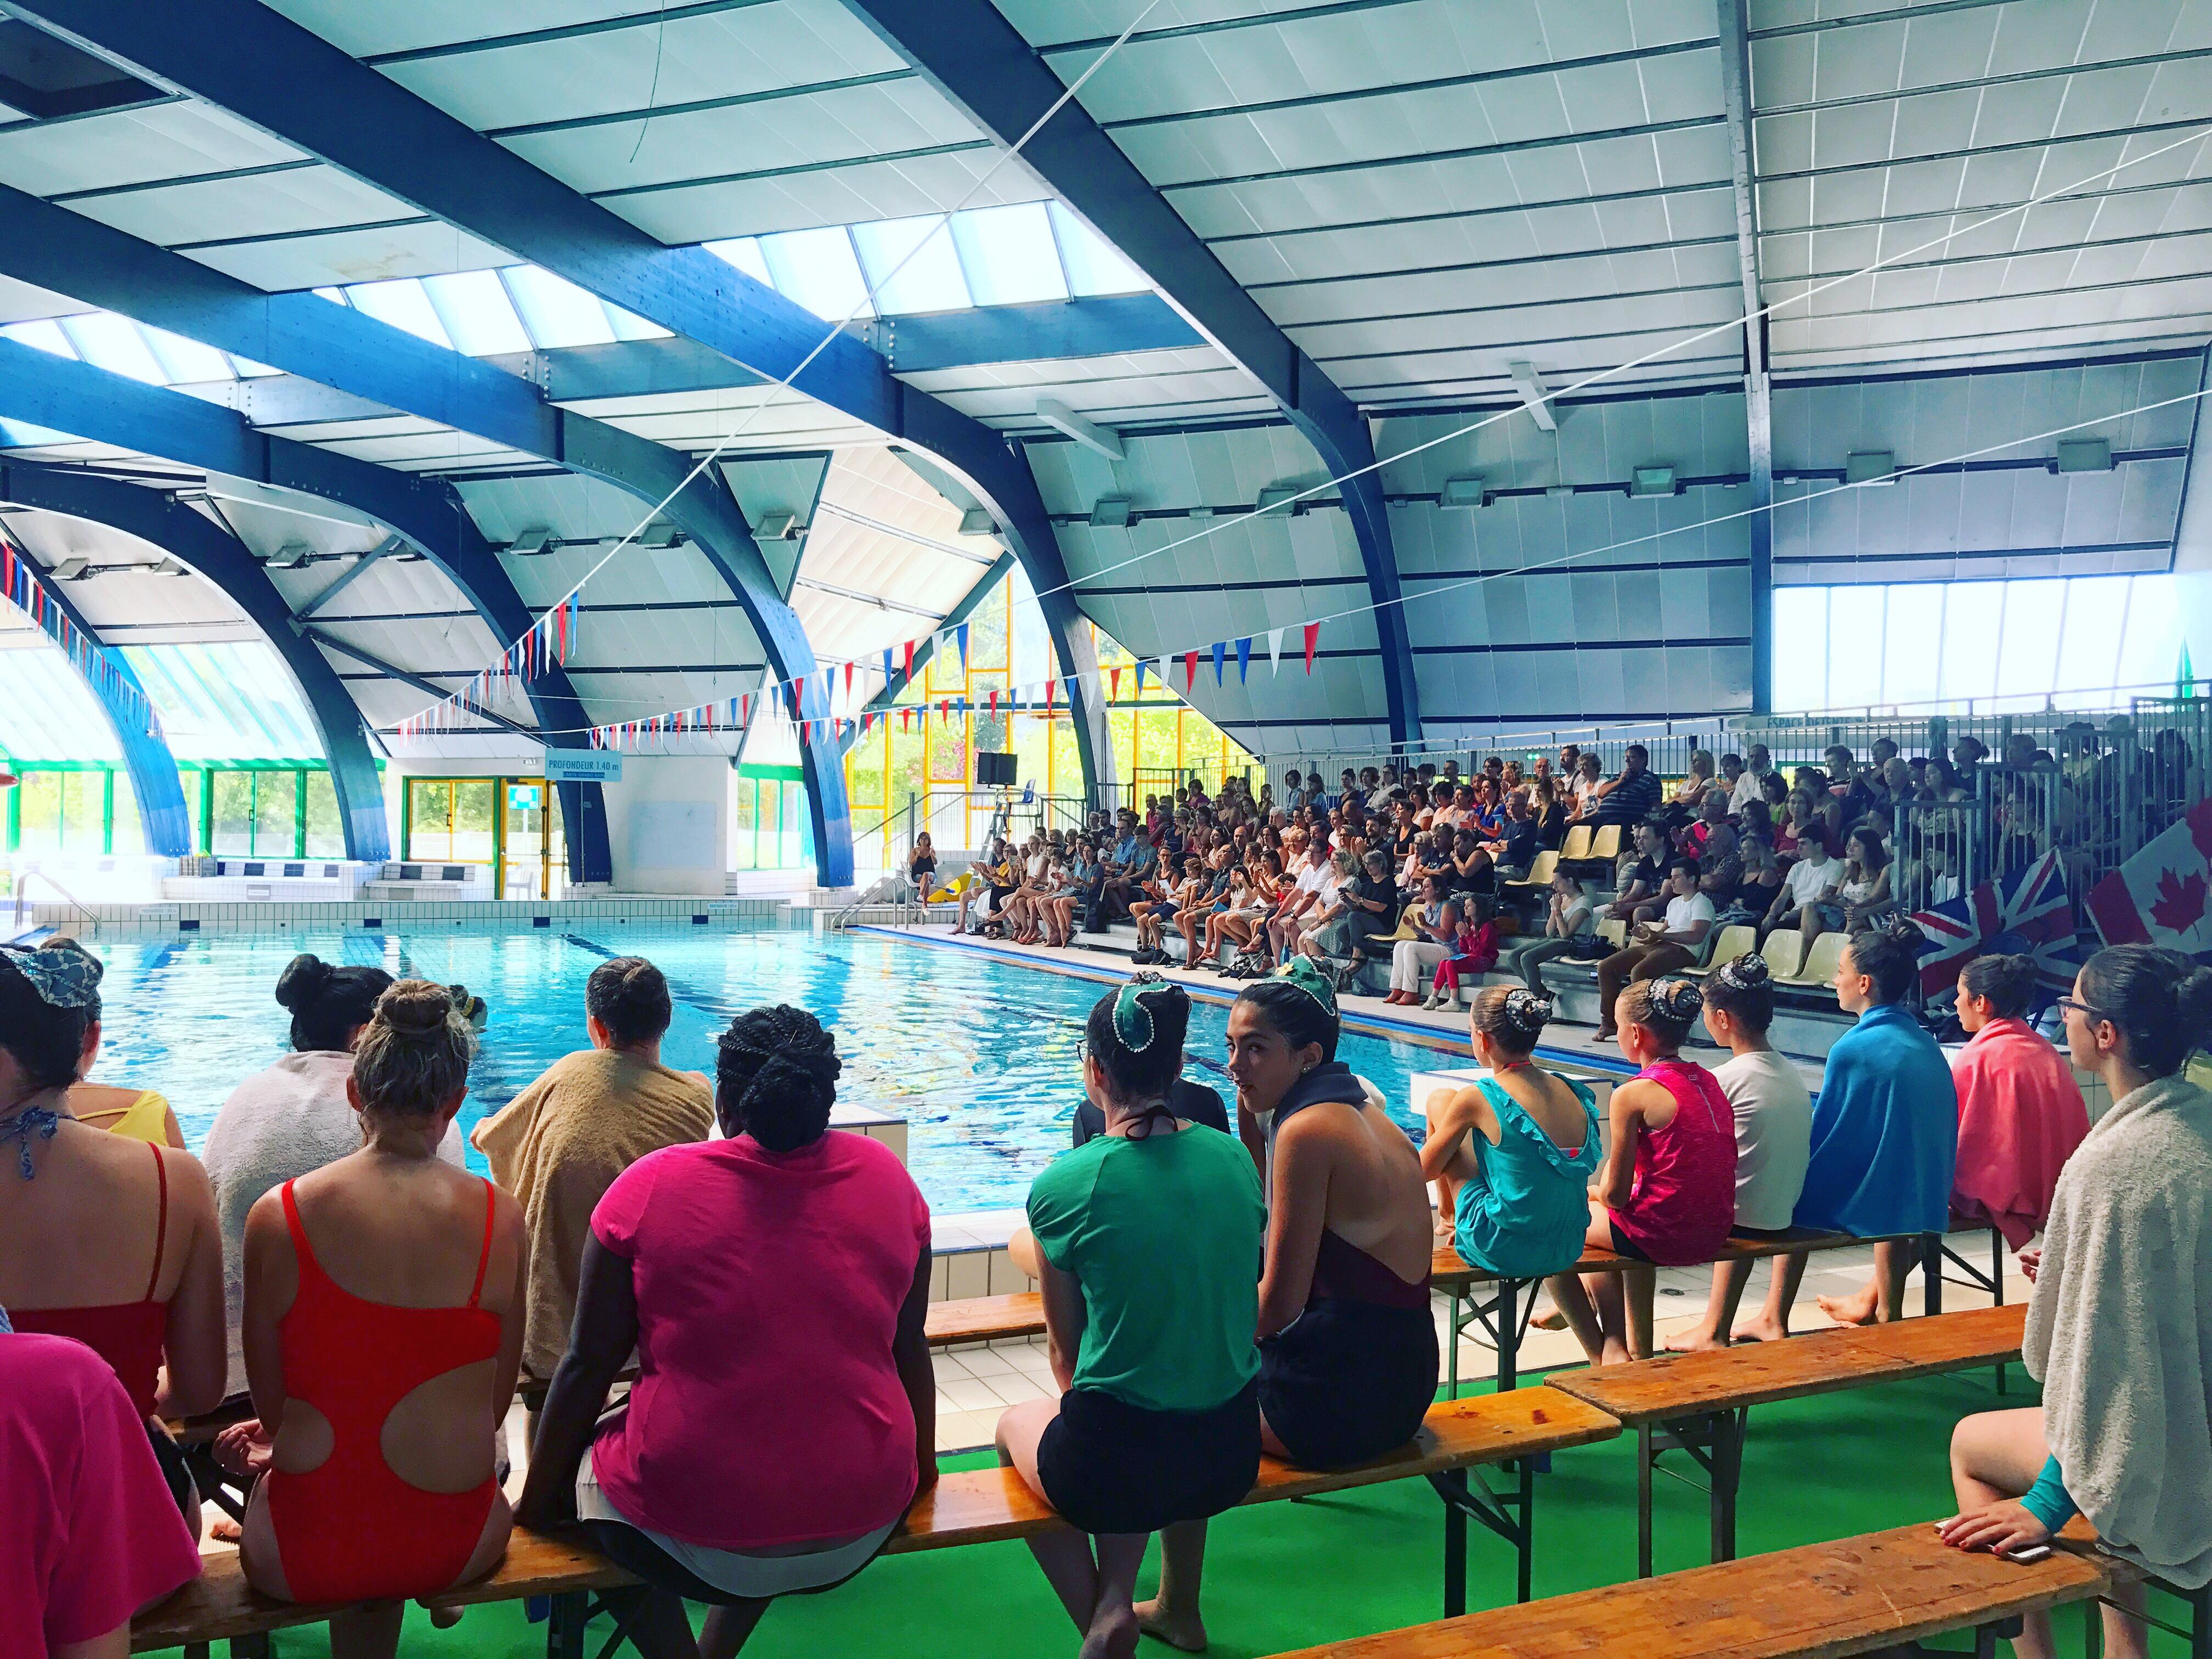 Gala de natation synchronis e piscine oc anis avec ronan for Piscine oceanis